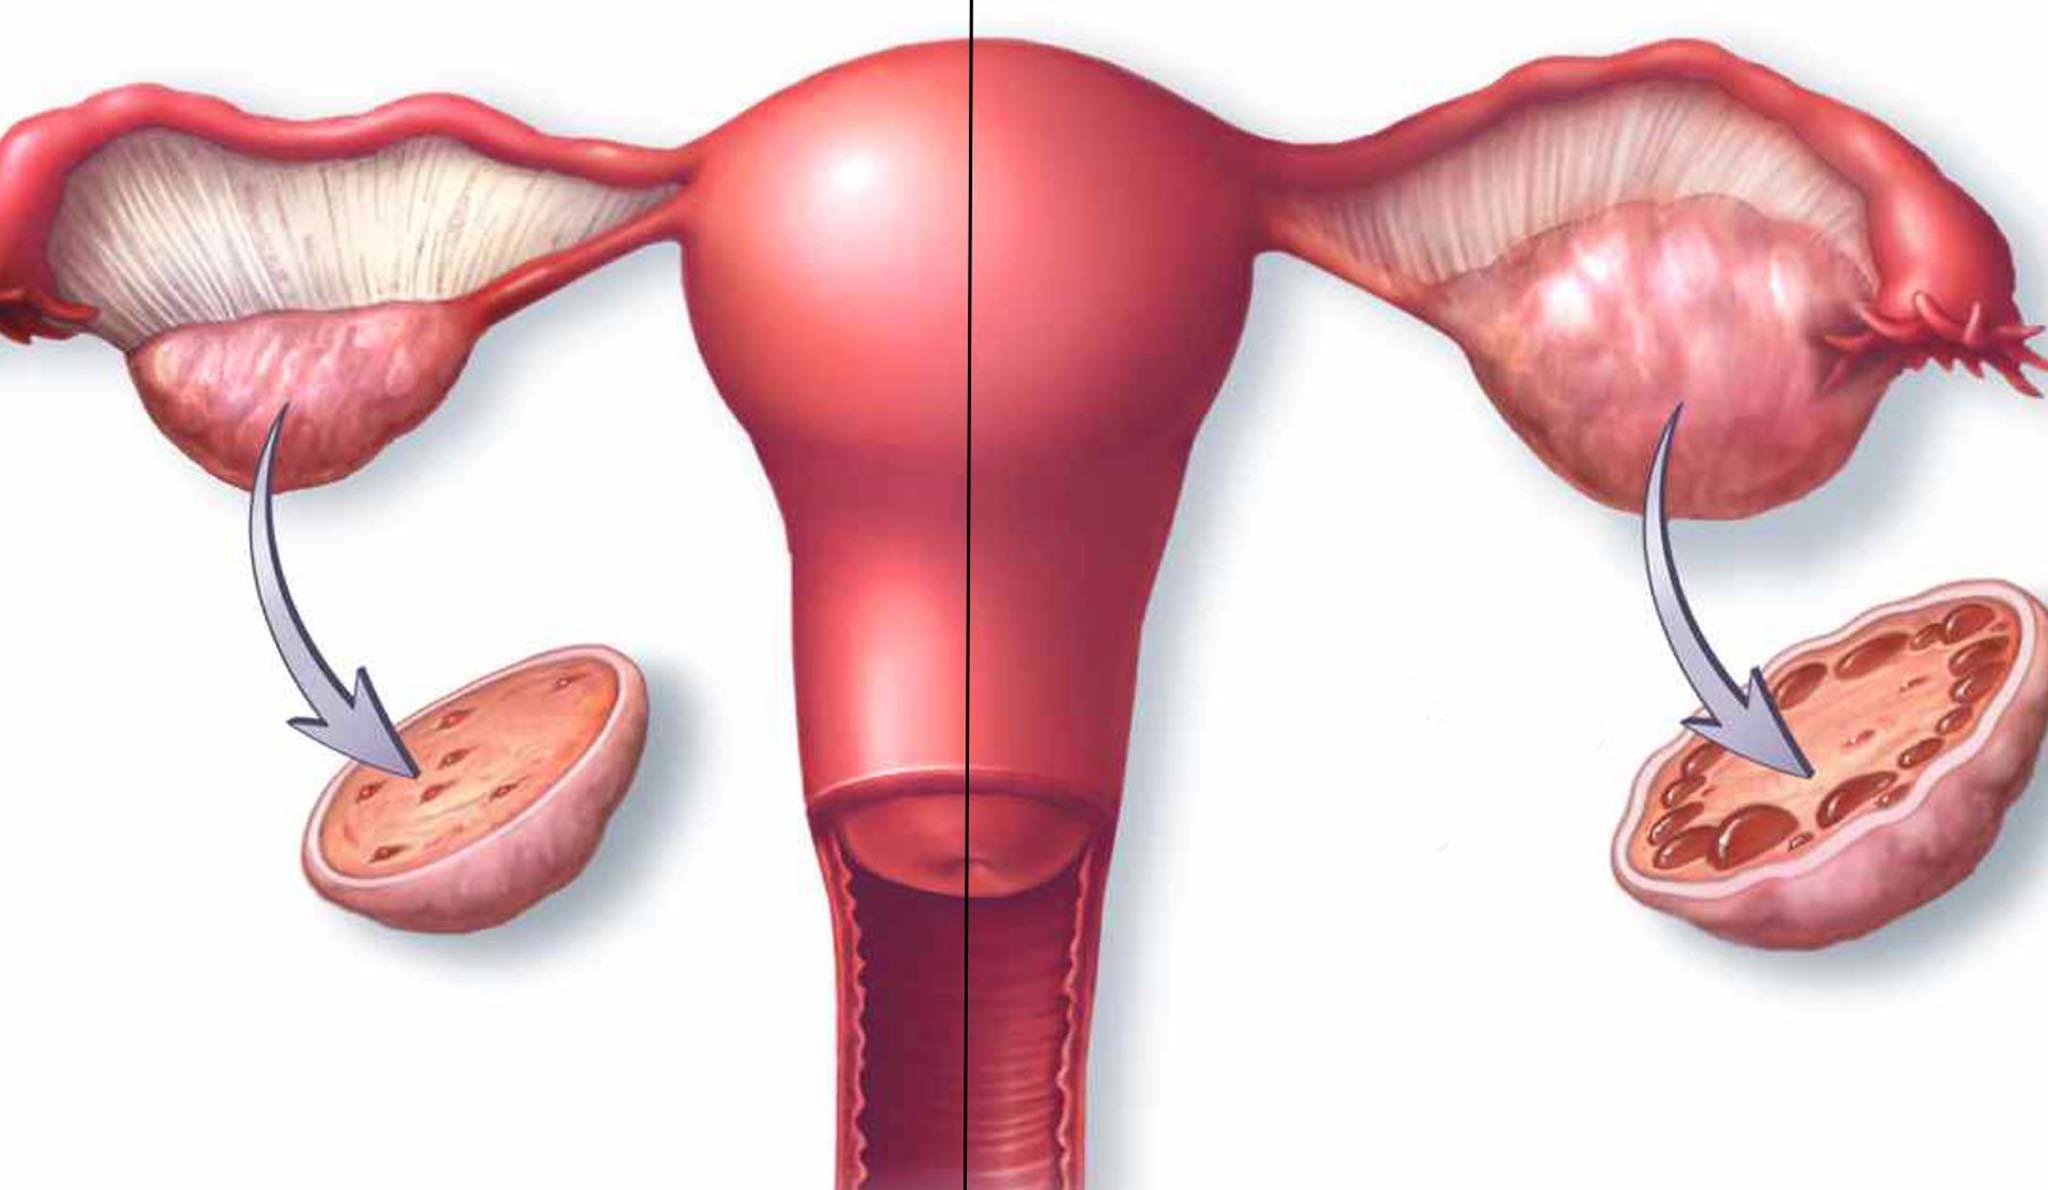 Przyczyny niepłodności: Zespół policystycznych jajników (PCOS)